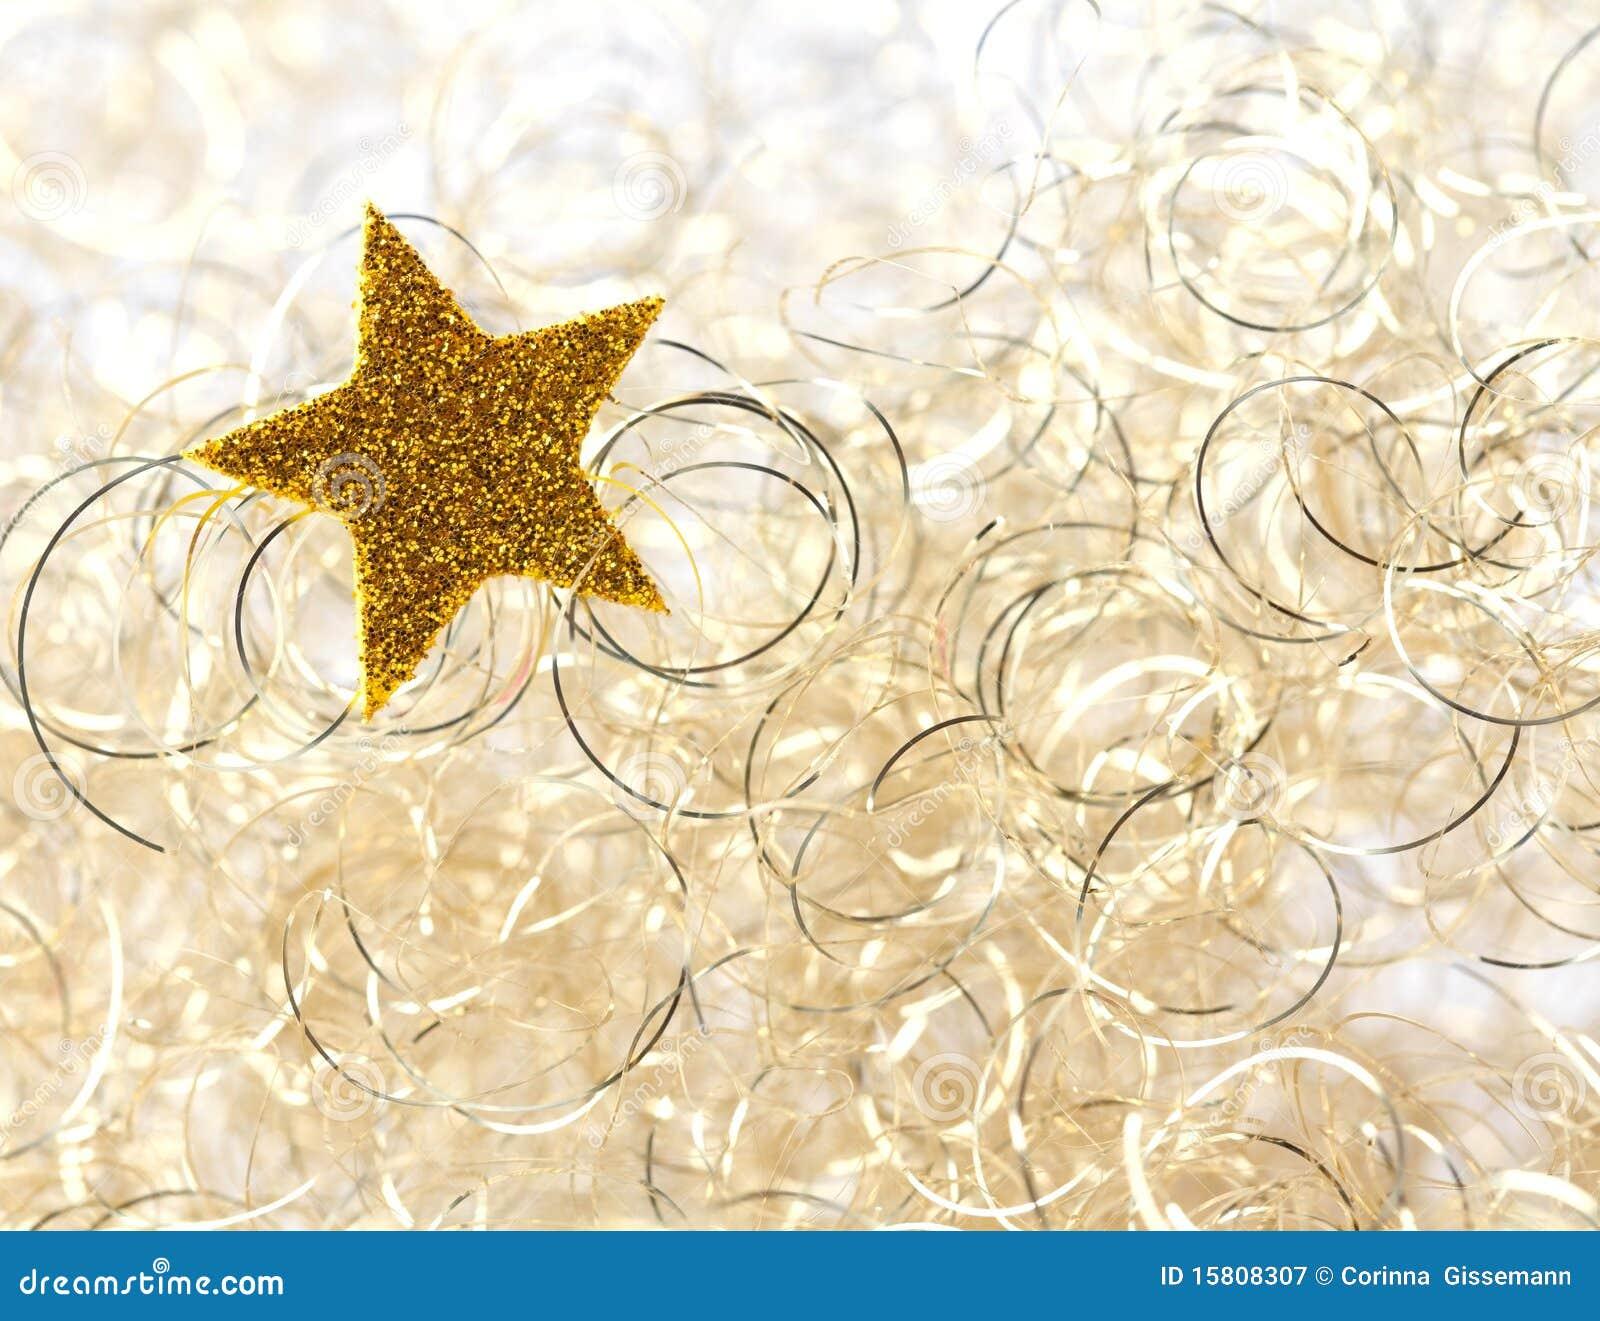 goldener stern auf weihnachten lizenzfreie stockfotografie. Black Bedroom Furniture Sets. Home Design Ideas